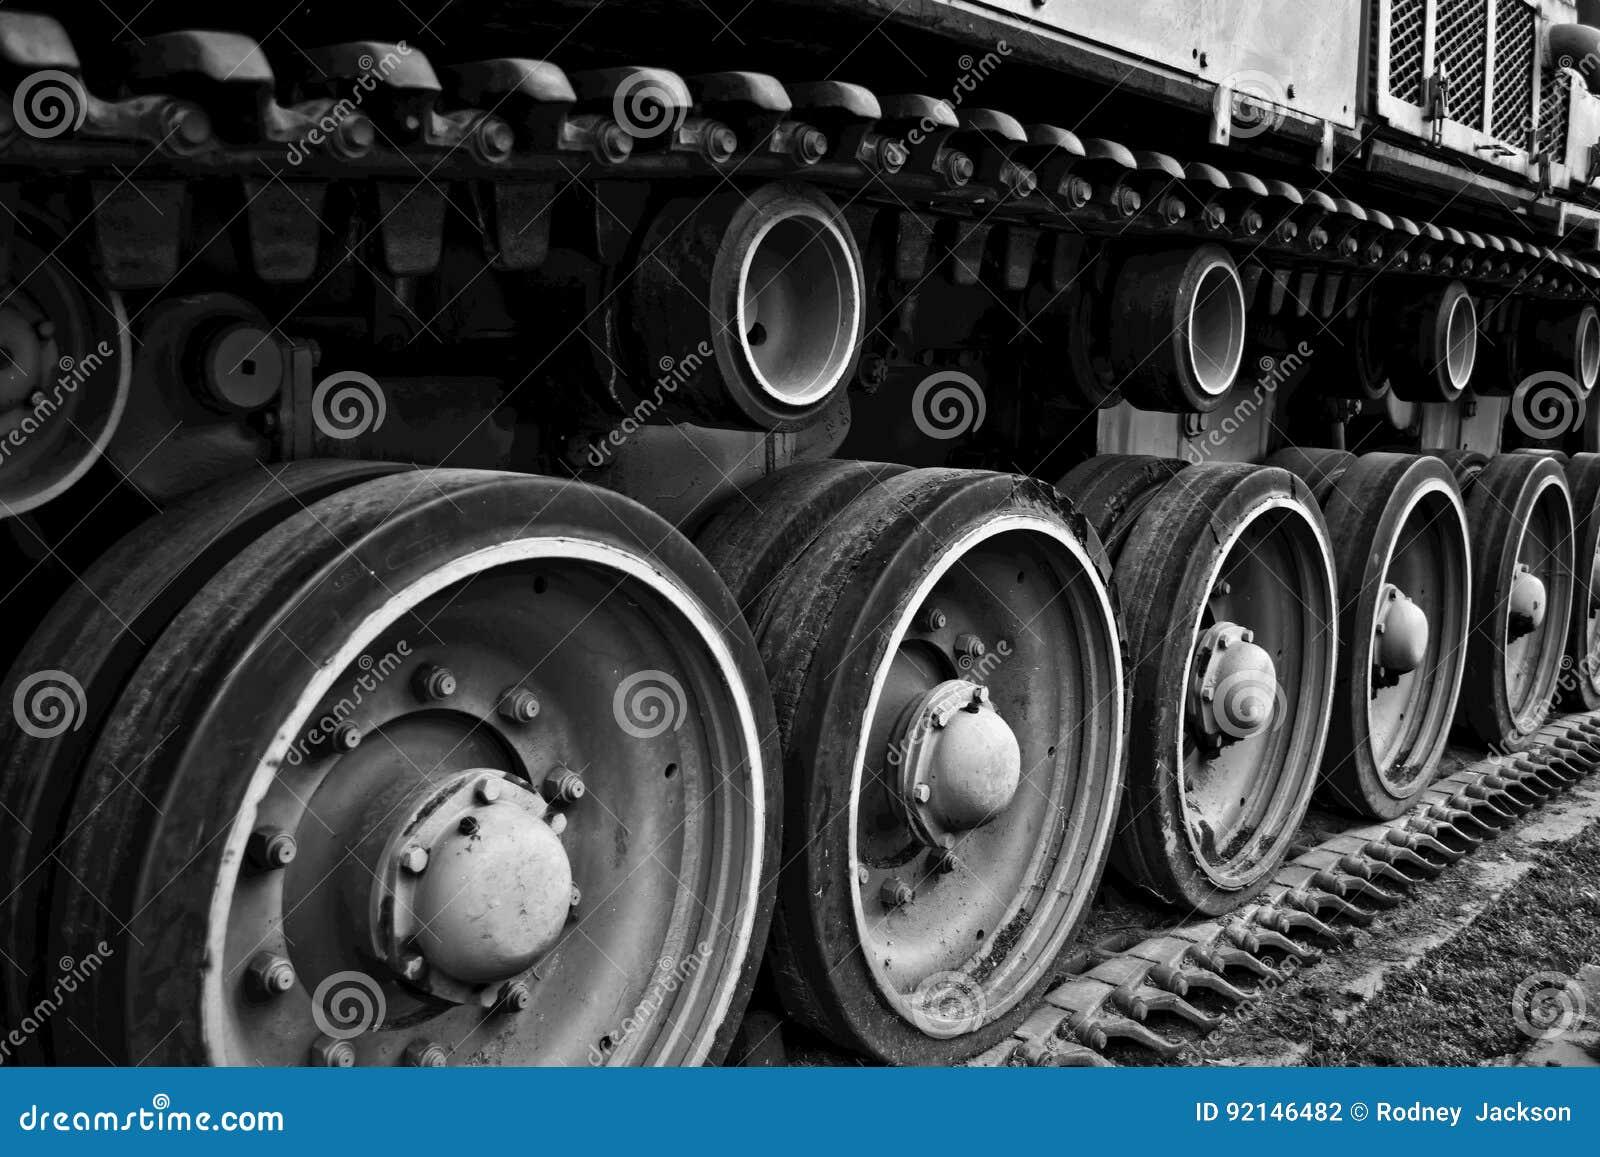 Radertjes in de spoorassemblage van een WW2 tank